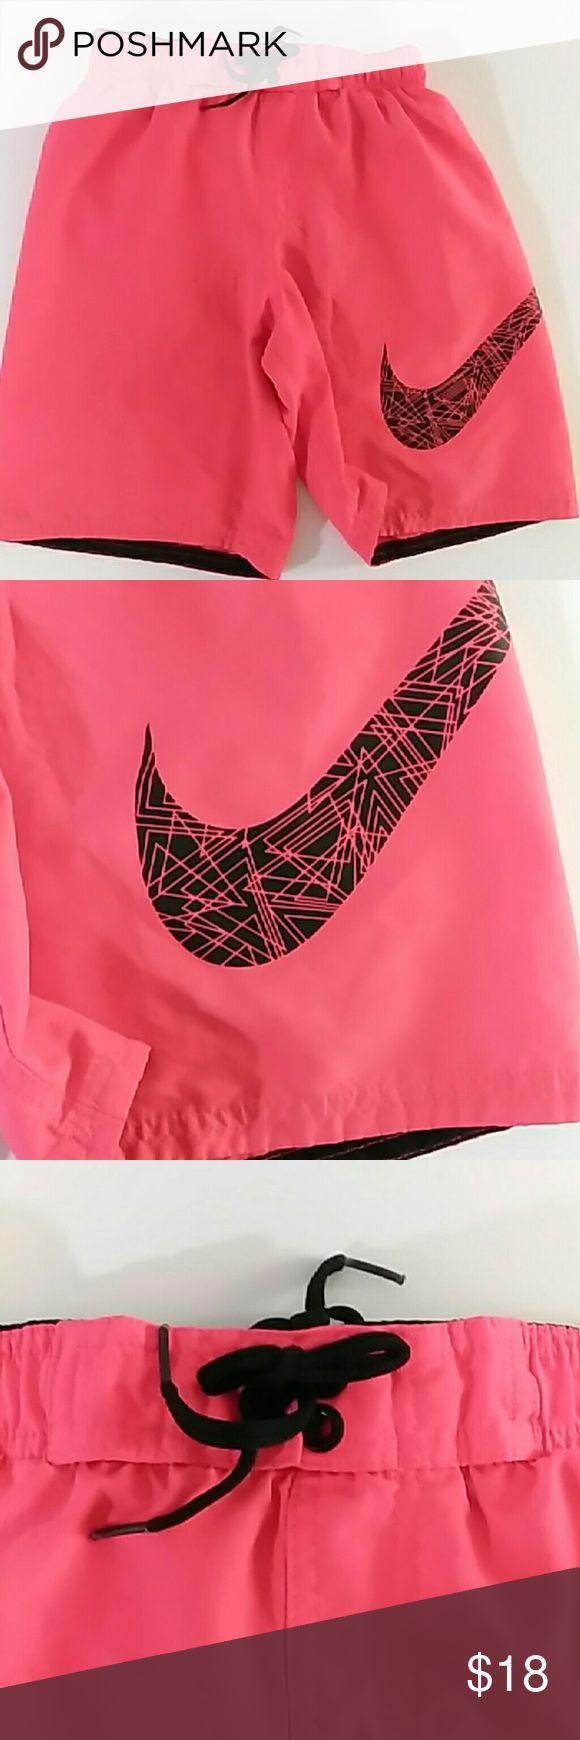 Red Nike swim trunks with big logo Gently used red Nike swim trunks with big logo size large. Nike Swim Swim Trunks